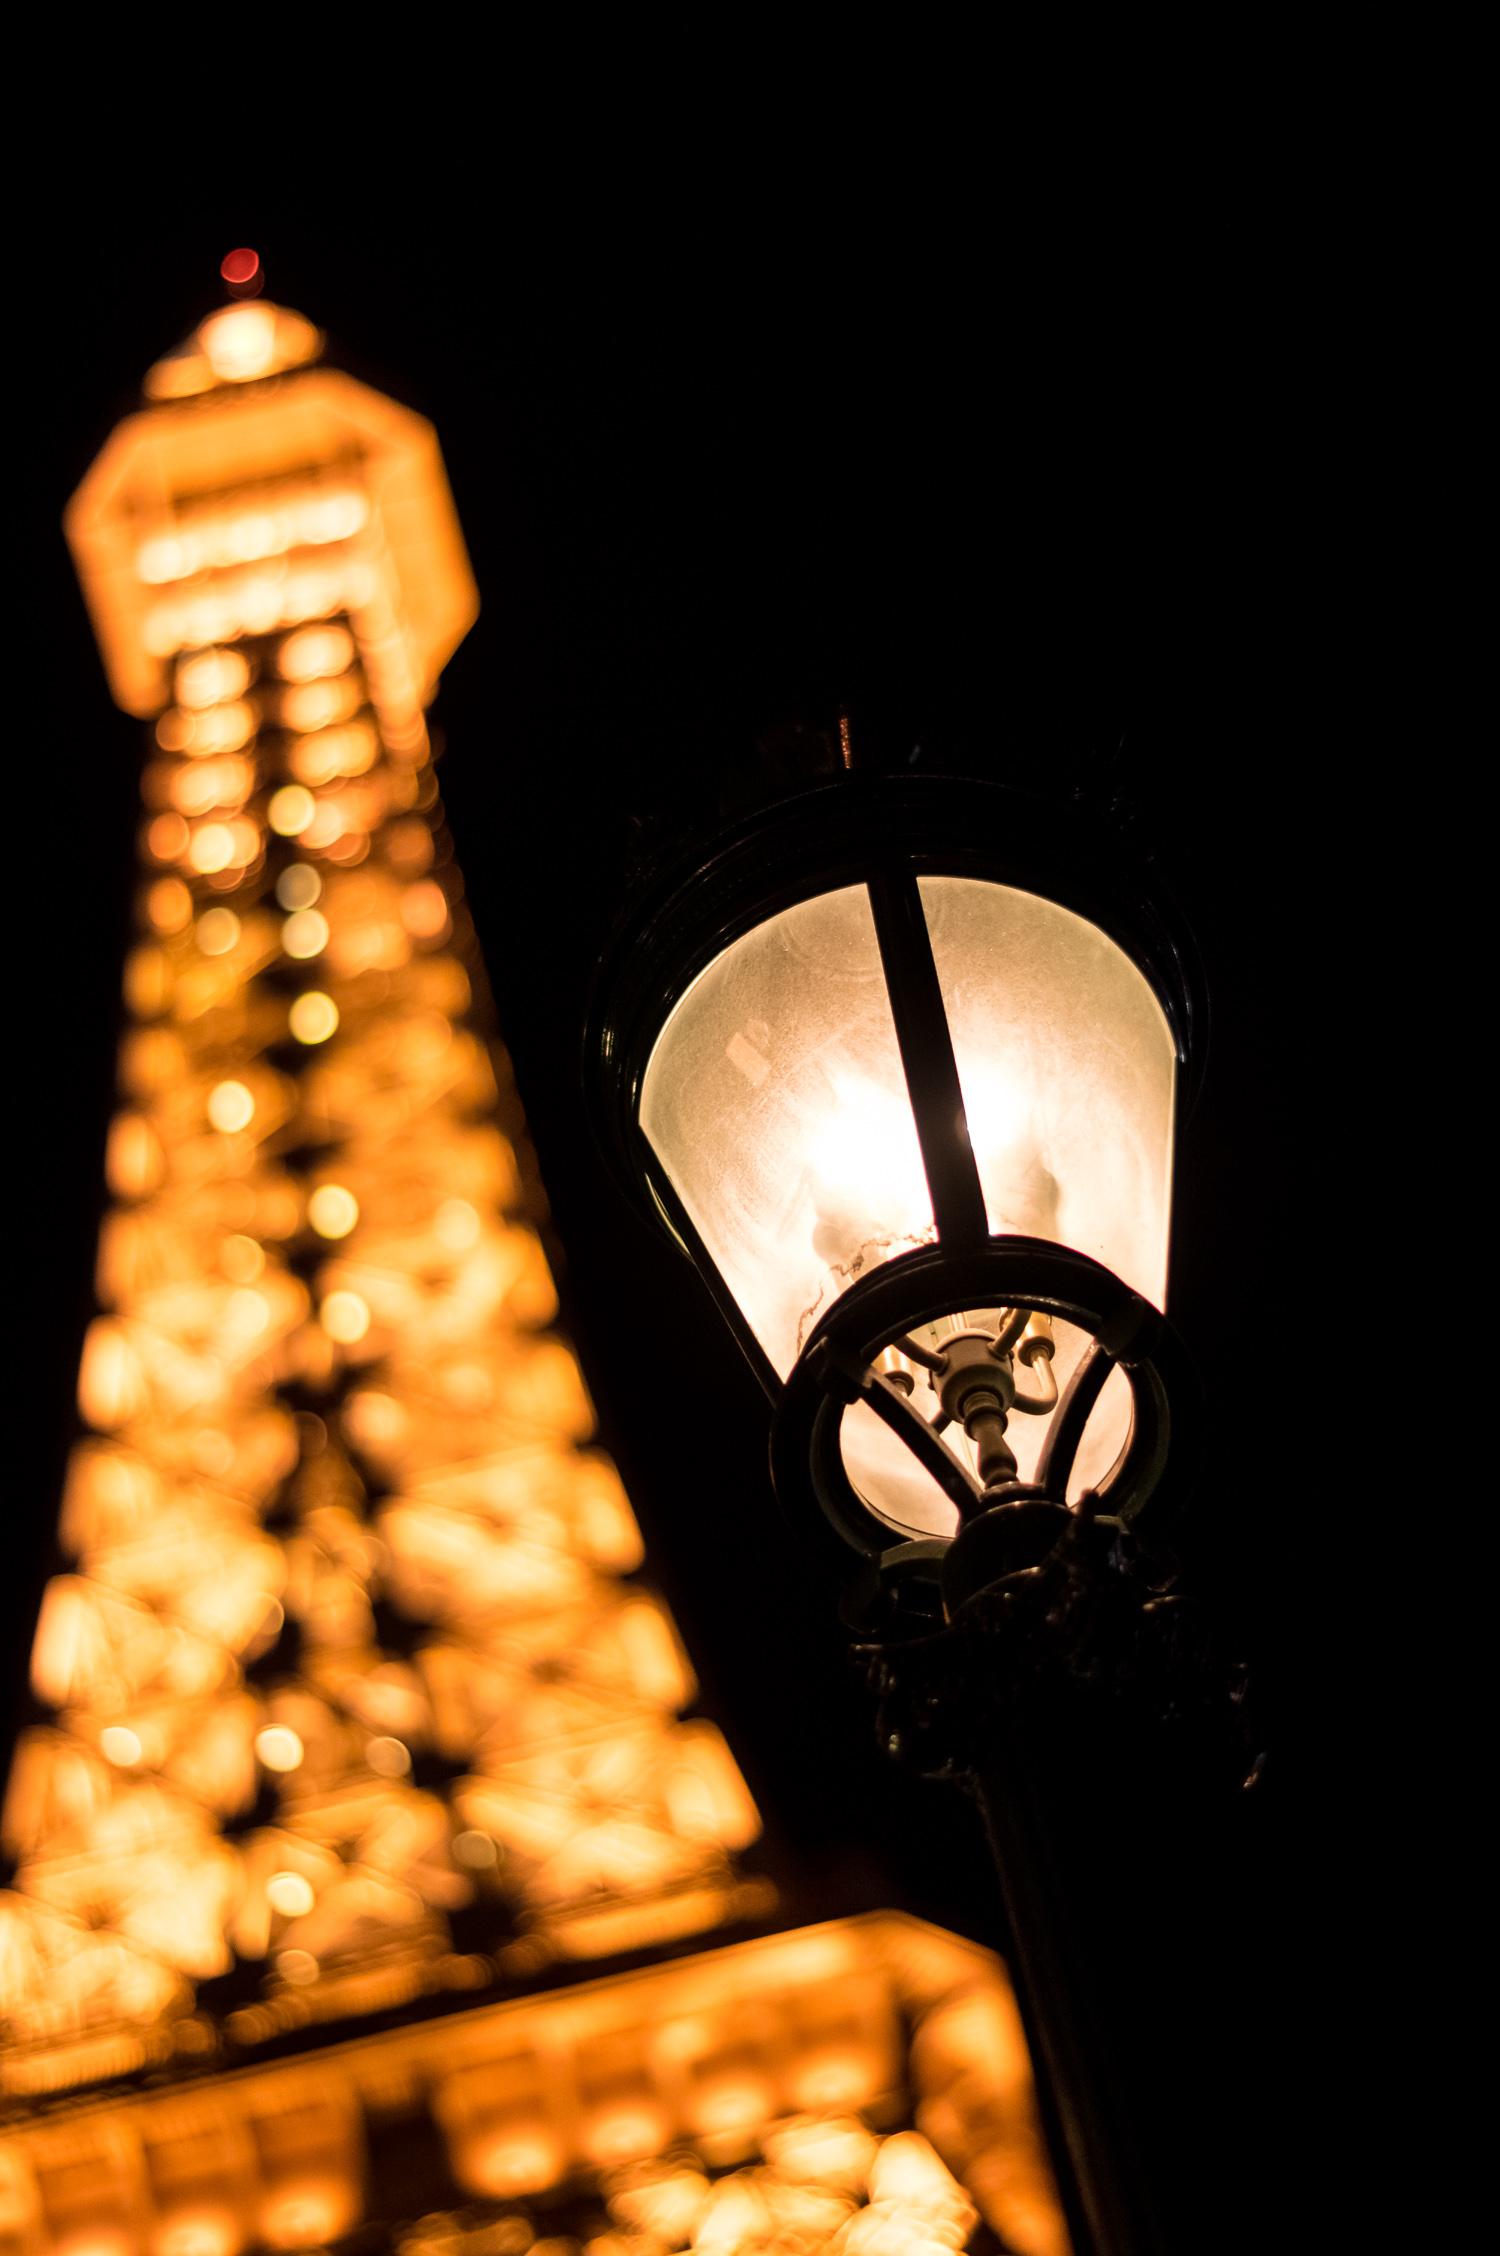 Las Vegas oder Paris? Der falsche Eiffelturm macht auch eine gute Figur.